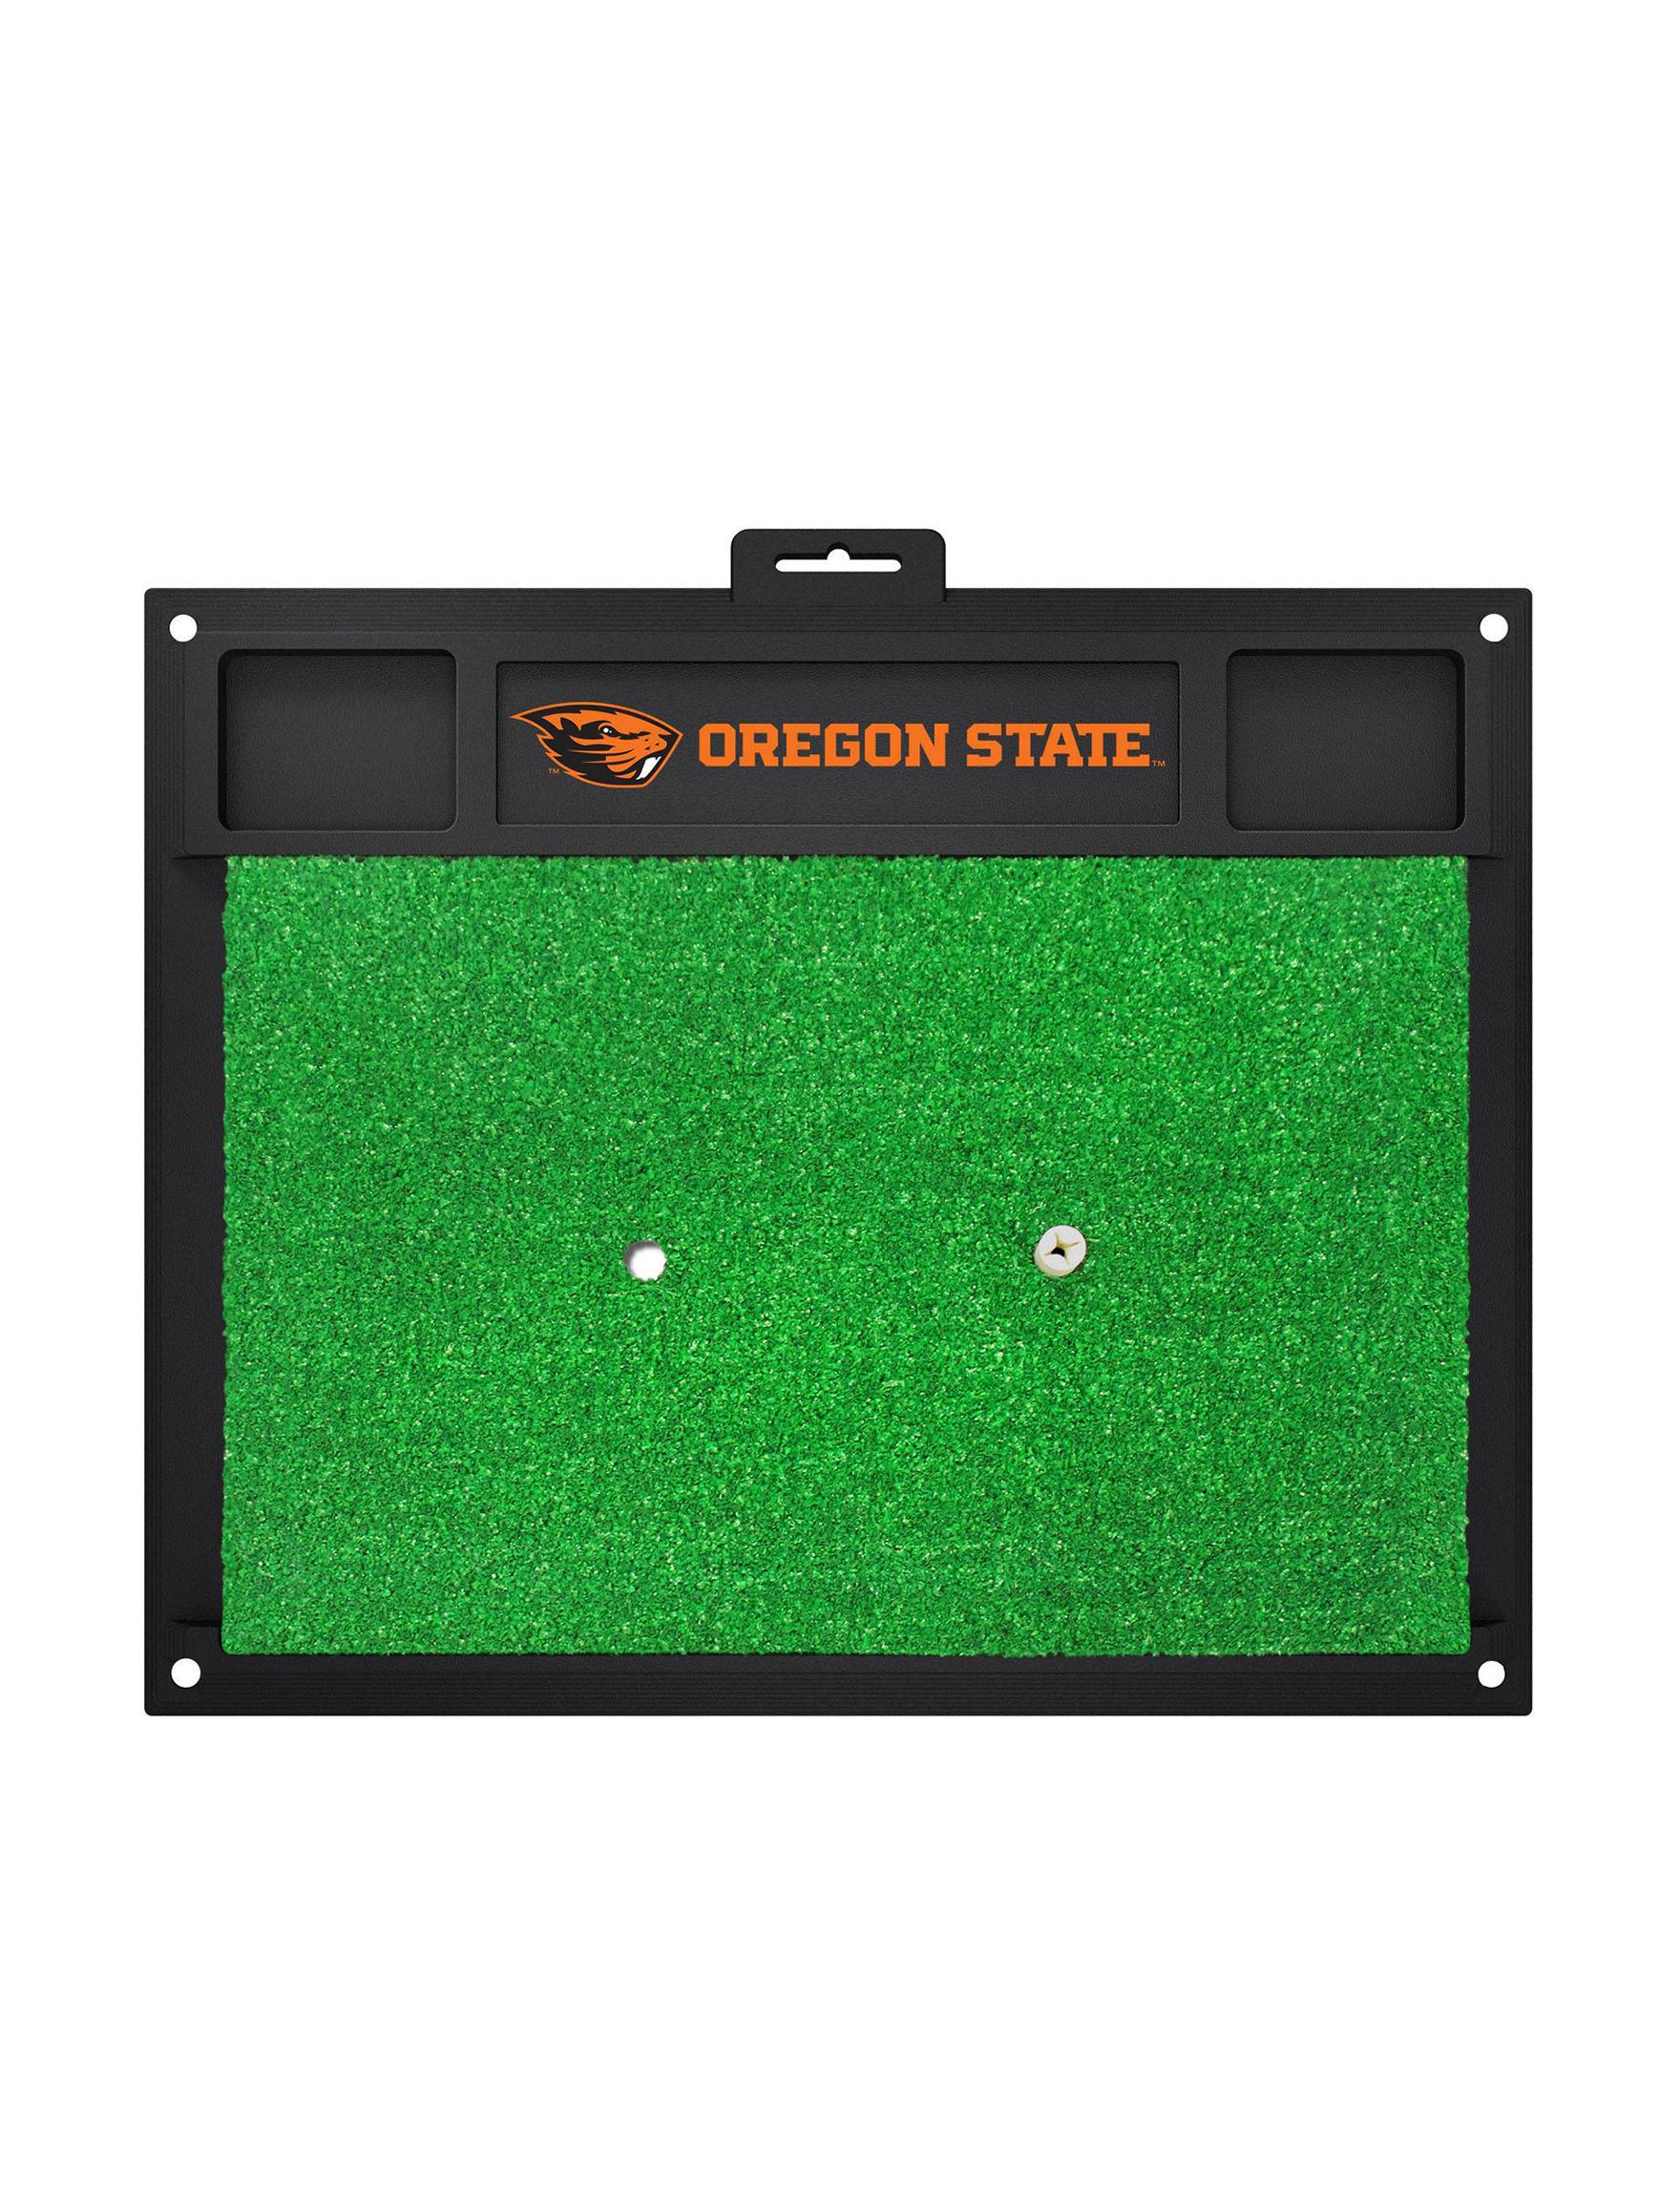 Fanmats Black / Orange Outdoor Rugs & Doormats Outdoor Decor